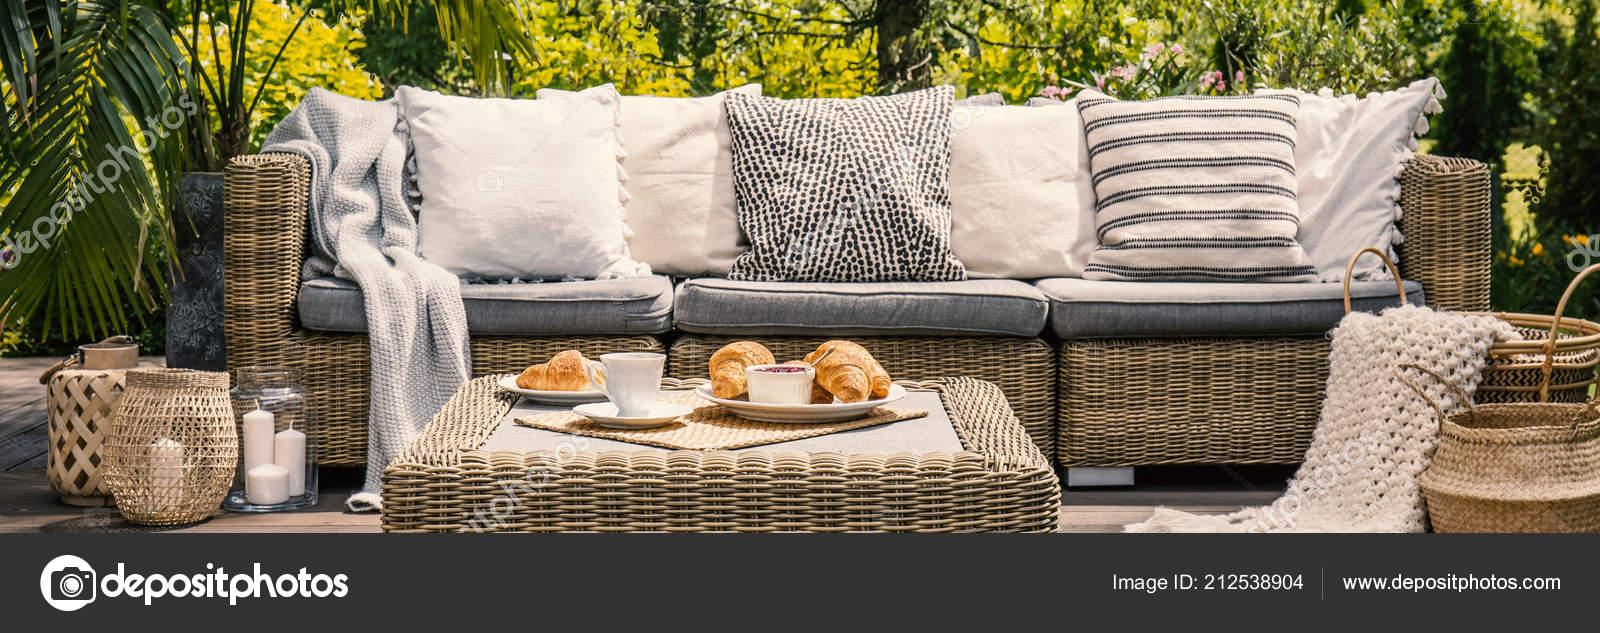 Full Size of Couch Terrasse Kissen Auf Sofa Und Rattantisch Garten Sommer Wohnzimmer Couch Terrasse